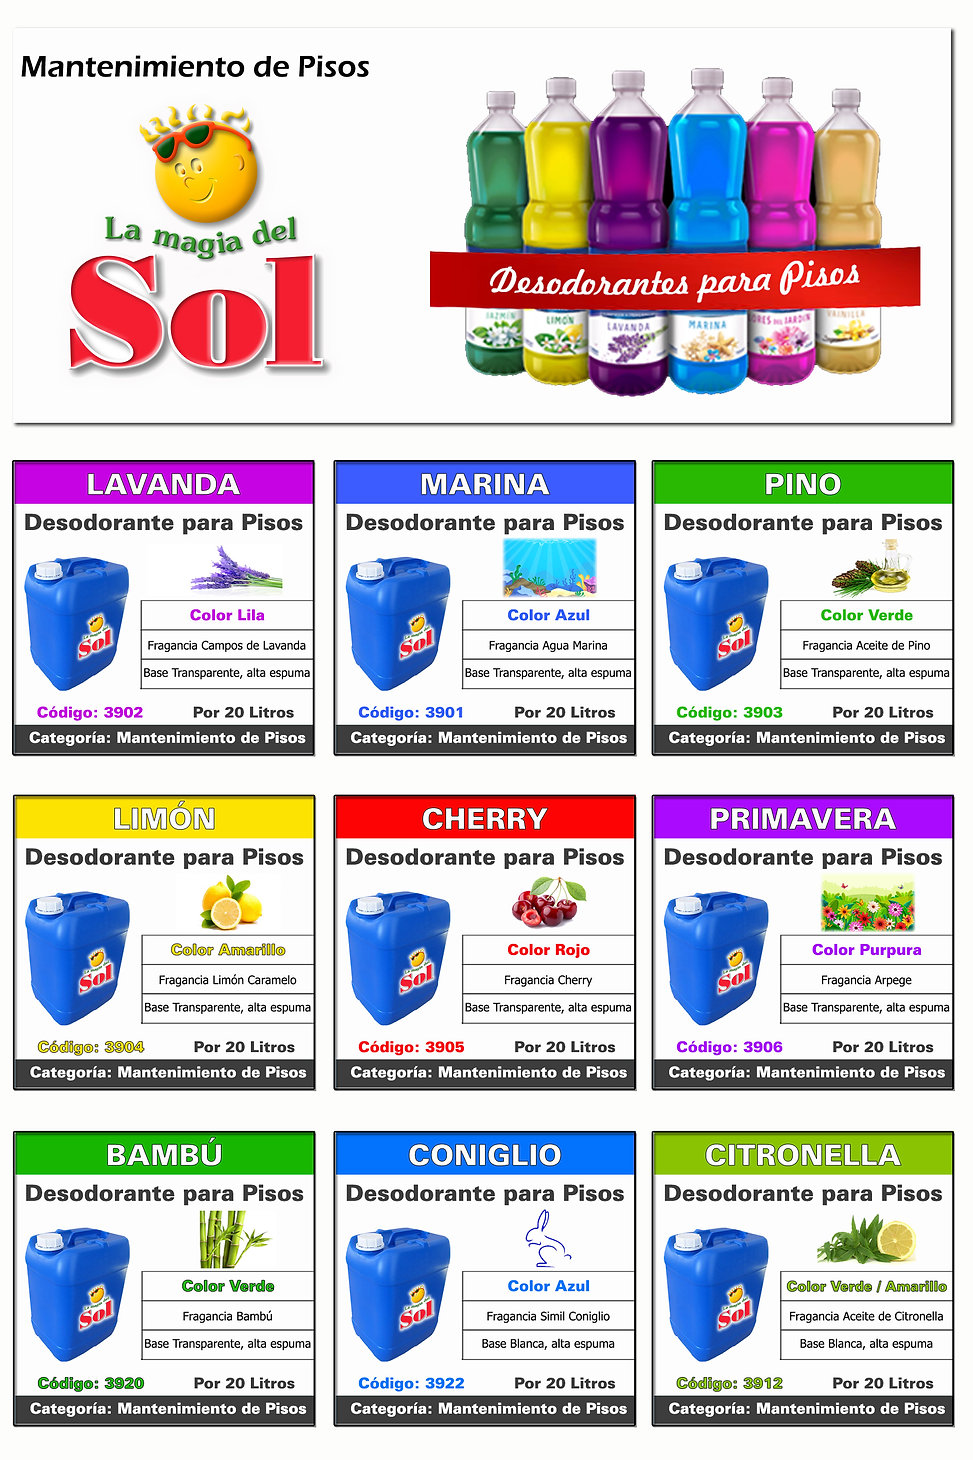 9 Desodorantes para Pisos.jpg